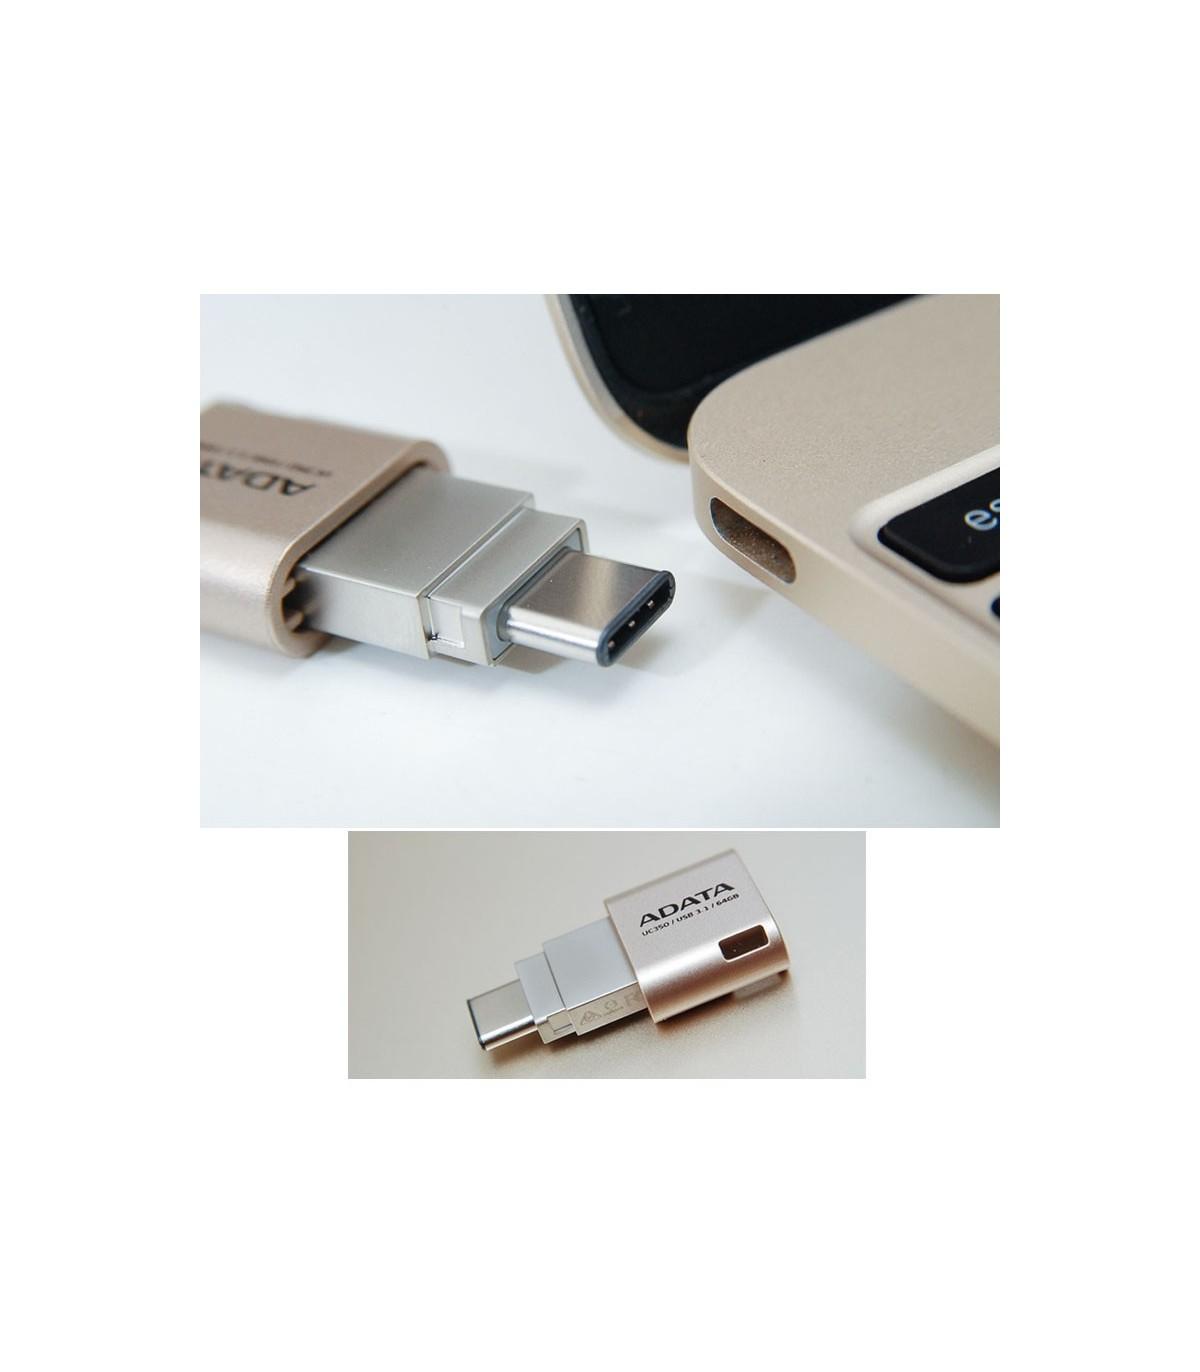 فلش مموری 16 گیگابایت Adata UC350 USB Type-C